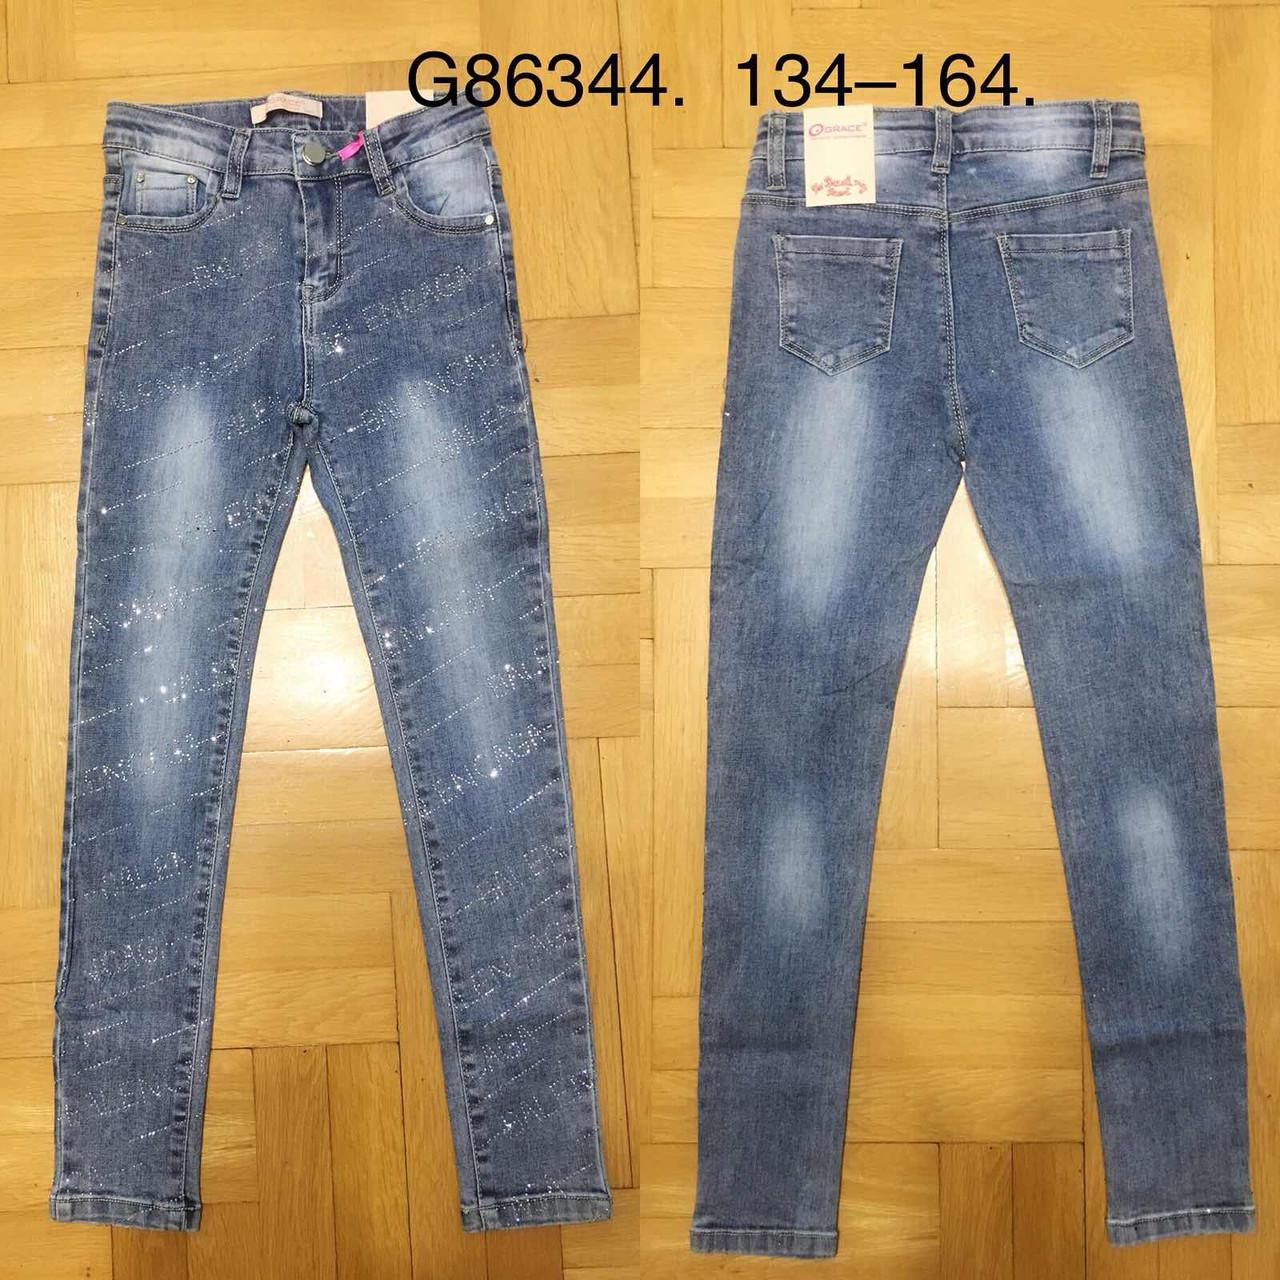 Джинсовые брюки для девочек Grace, 134-164 pp. Артикул: G86344